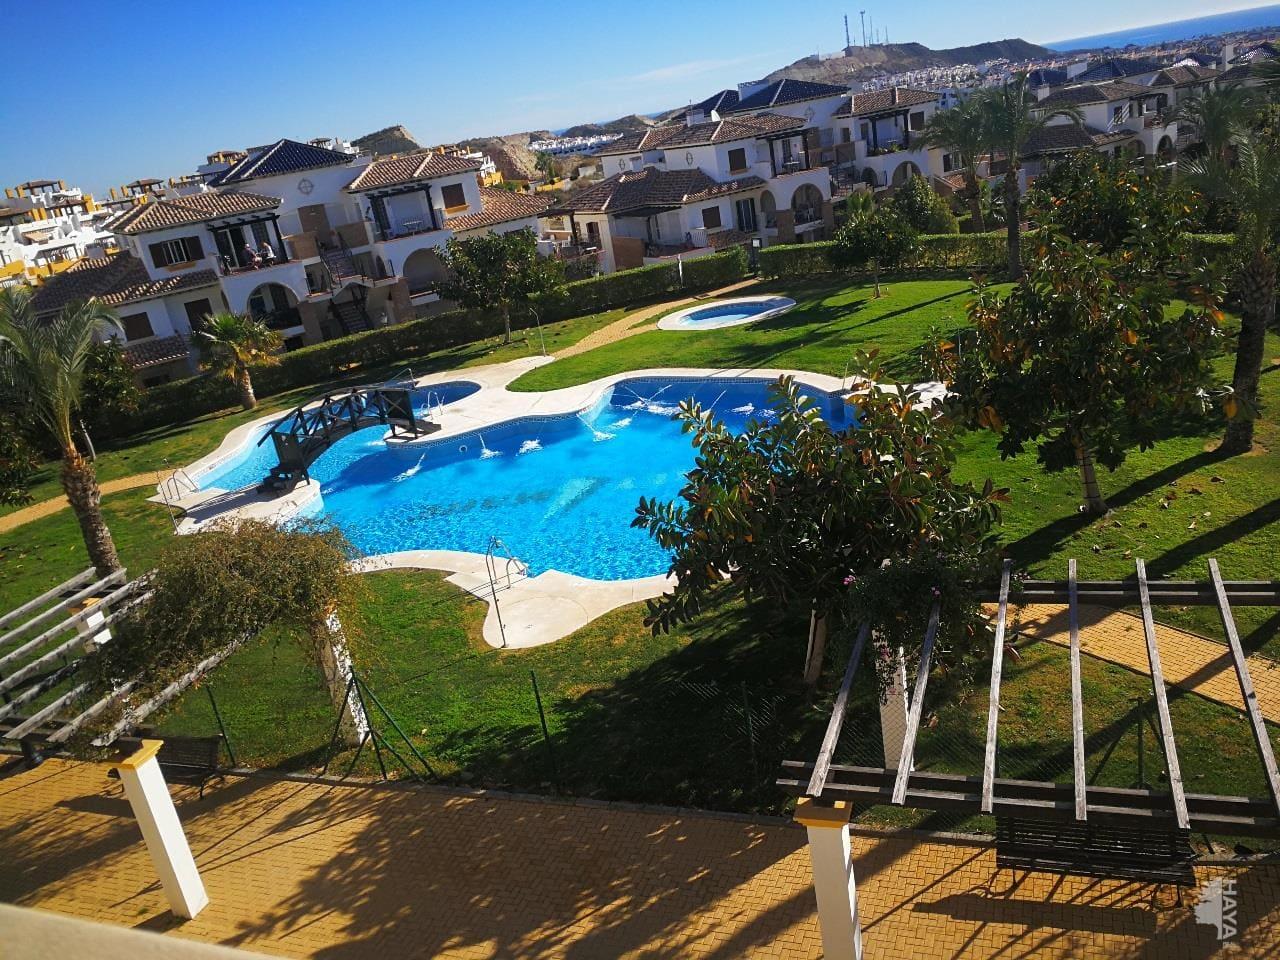 Piso en venta en Vera Playa, Vera, Almería, Calle Tomillo, 102.600 €, 2 habitaciones, 2 baños, 84 m2